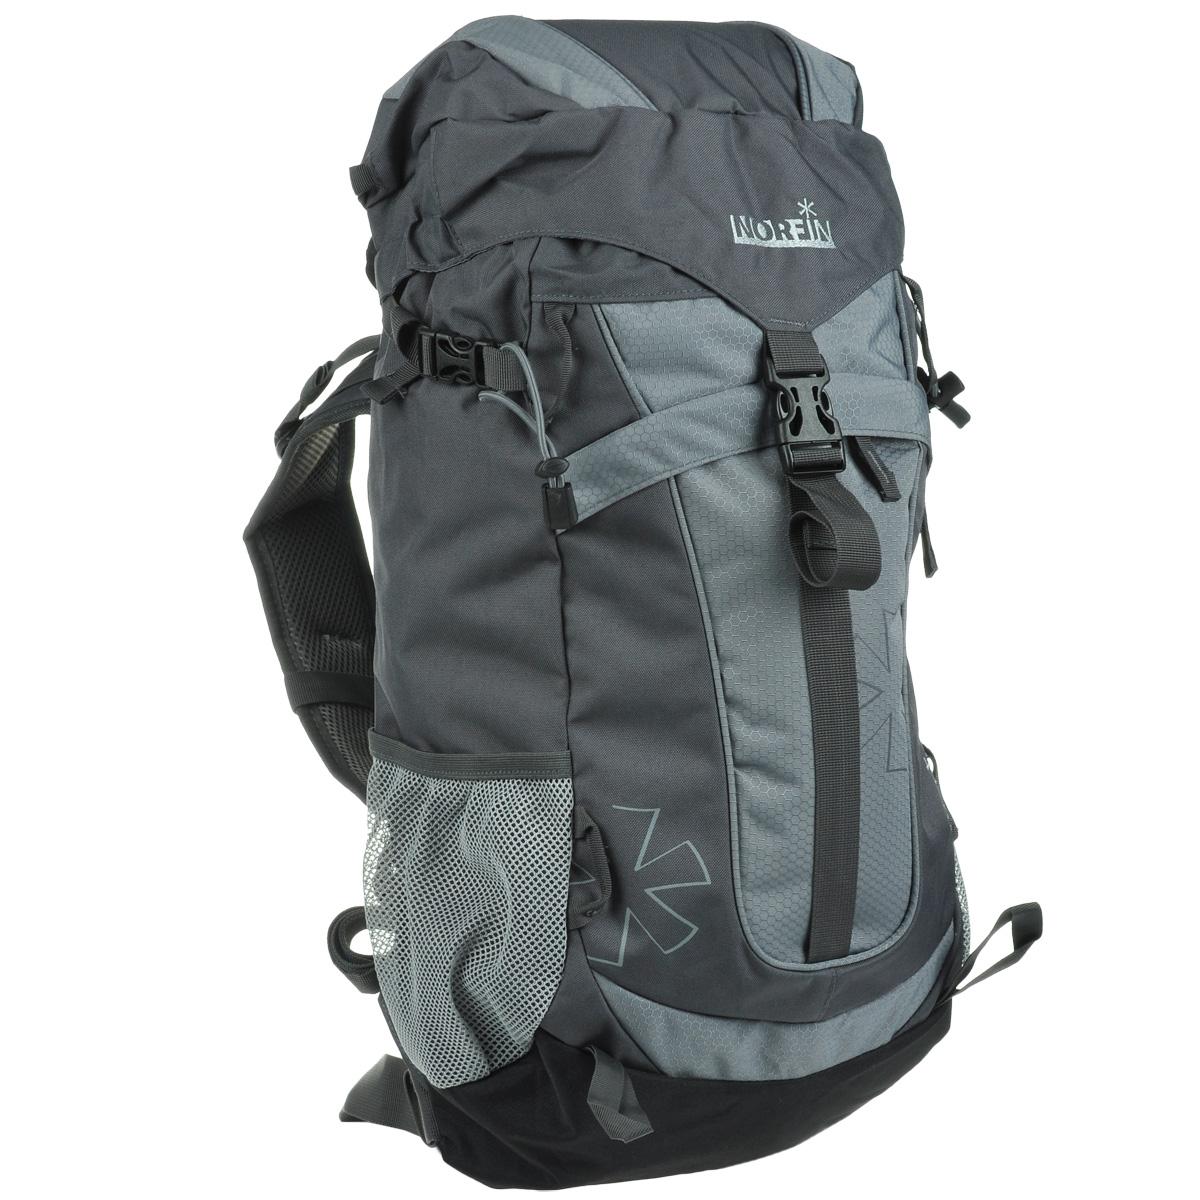 Рюкзак городской Norfin 4Rest, цвет: серый, 35 лNF-40211Высококачественный, надежный, и прочный рюкзак Norfin 4Rest. Благодаря многофункциональности данный рюкзак позволяет удобно и легко укладывать свои вещи.Особенности рюкзака:Имеет три рабочие зоны с сеткой Air Mesh, хорошо отводится избыточное тепло и влага при нагрузкахПоясной ременьГрудная стяжка со свисткомВыход под питьевую системуФронтальный карманБоковые карманы из сеткиВерхний клапан с внешним карманом.